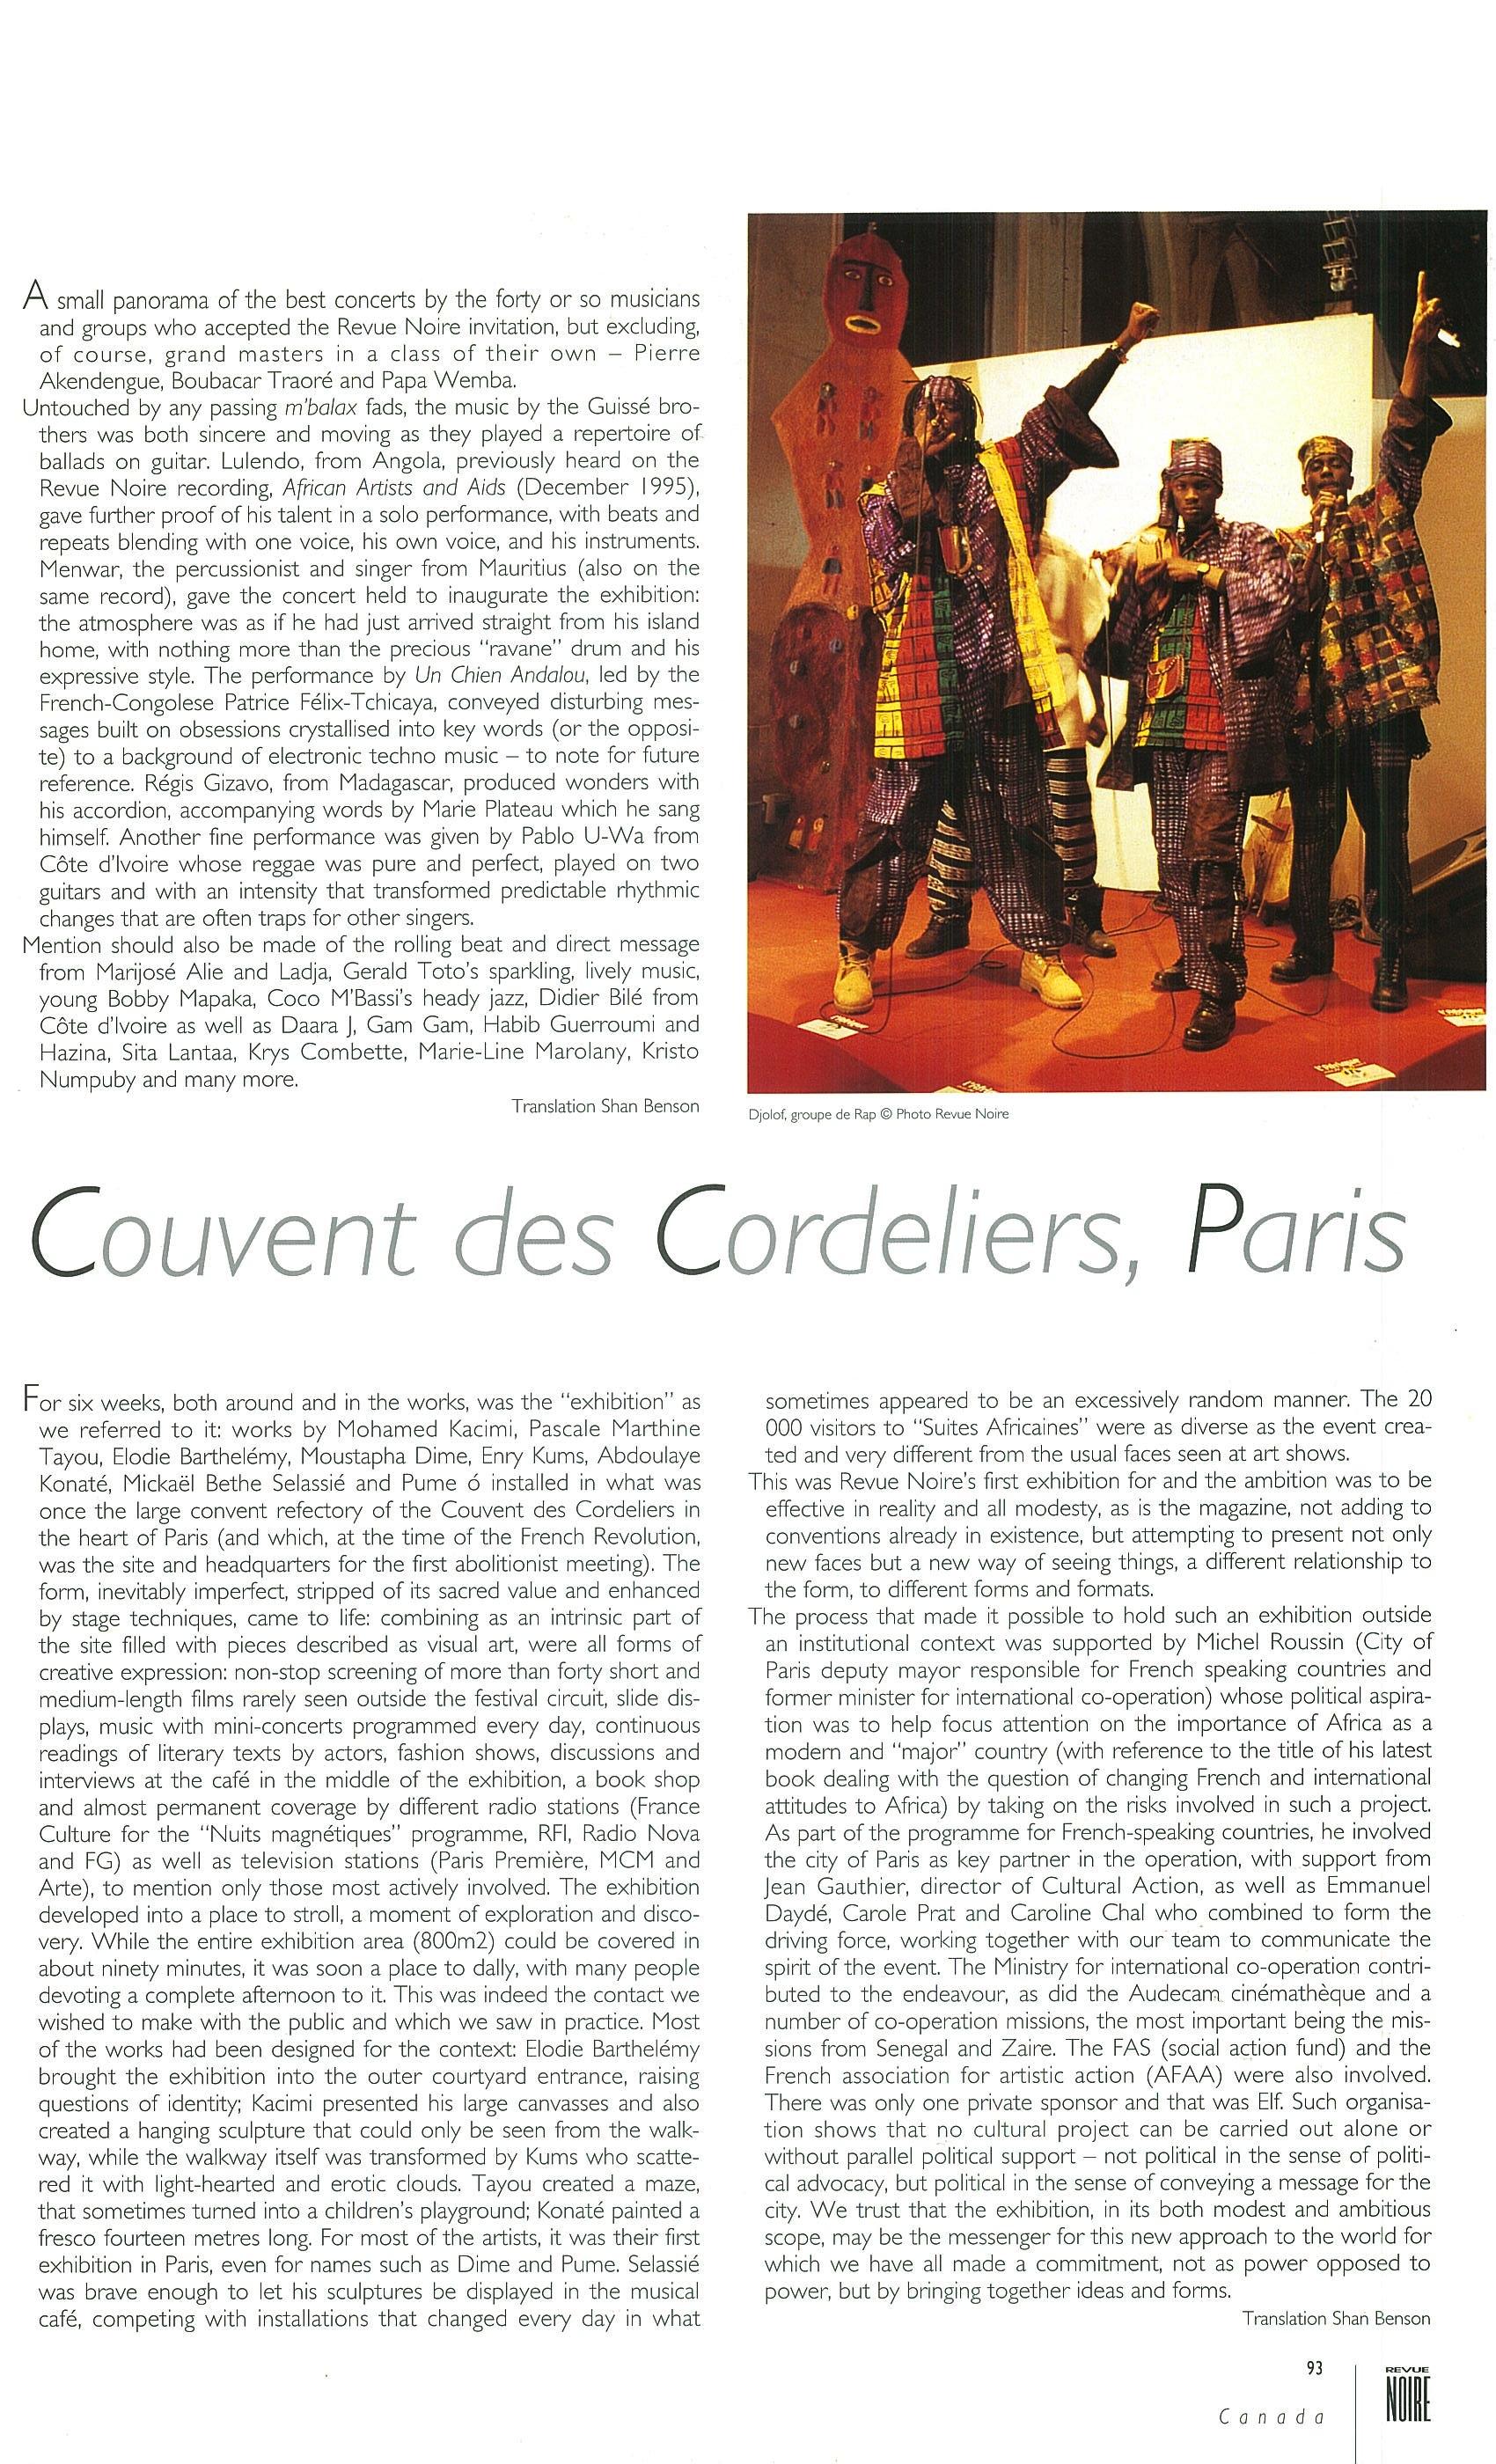 2. Revue Noire book_Page_095